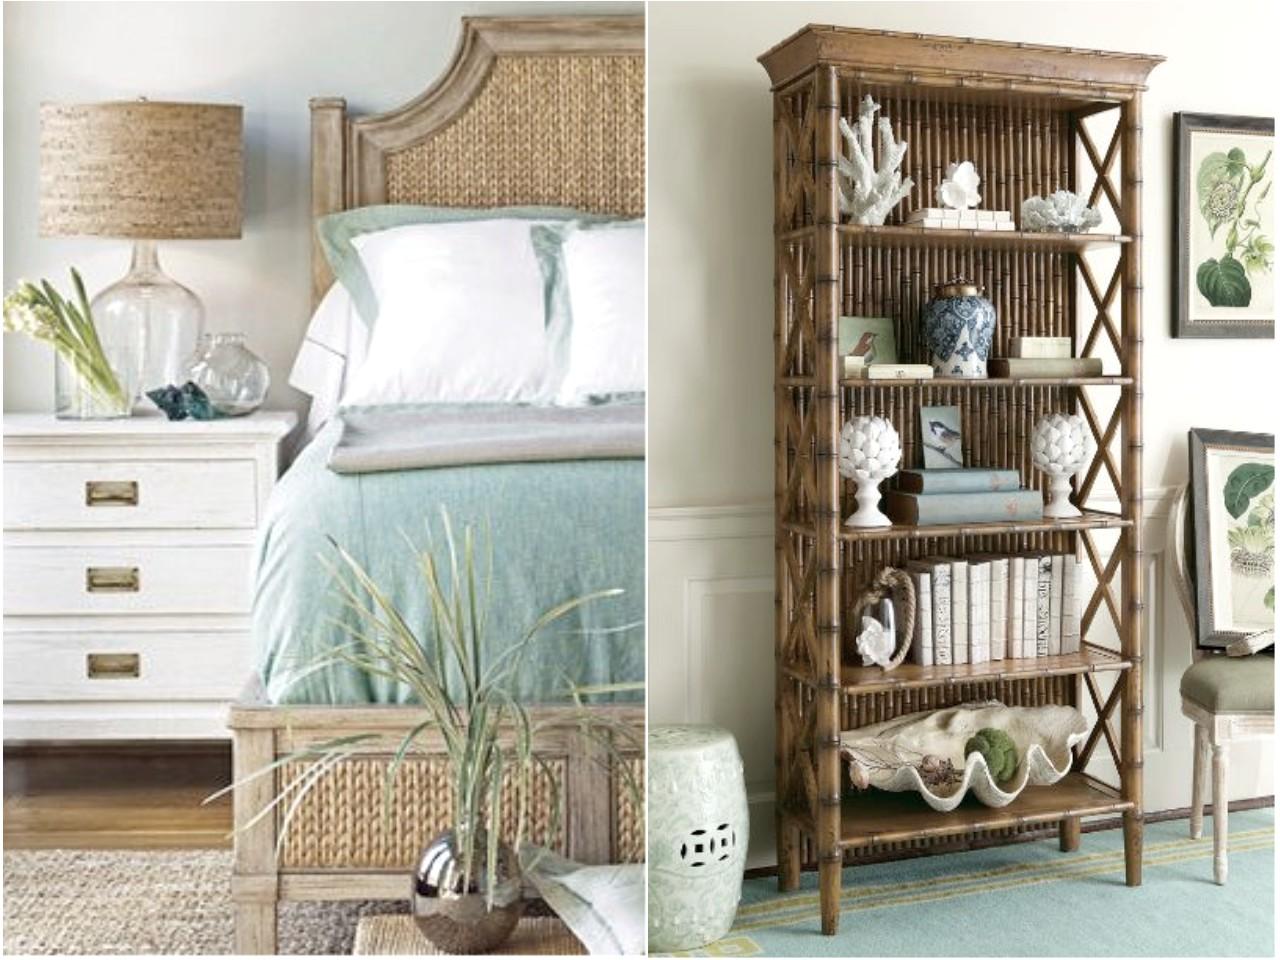 Dormitorios de estilo colonial a tu alcance en 7 pasos for Sillas para recamara